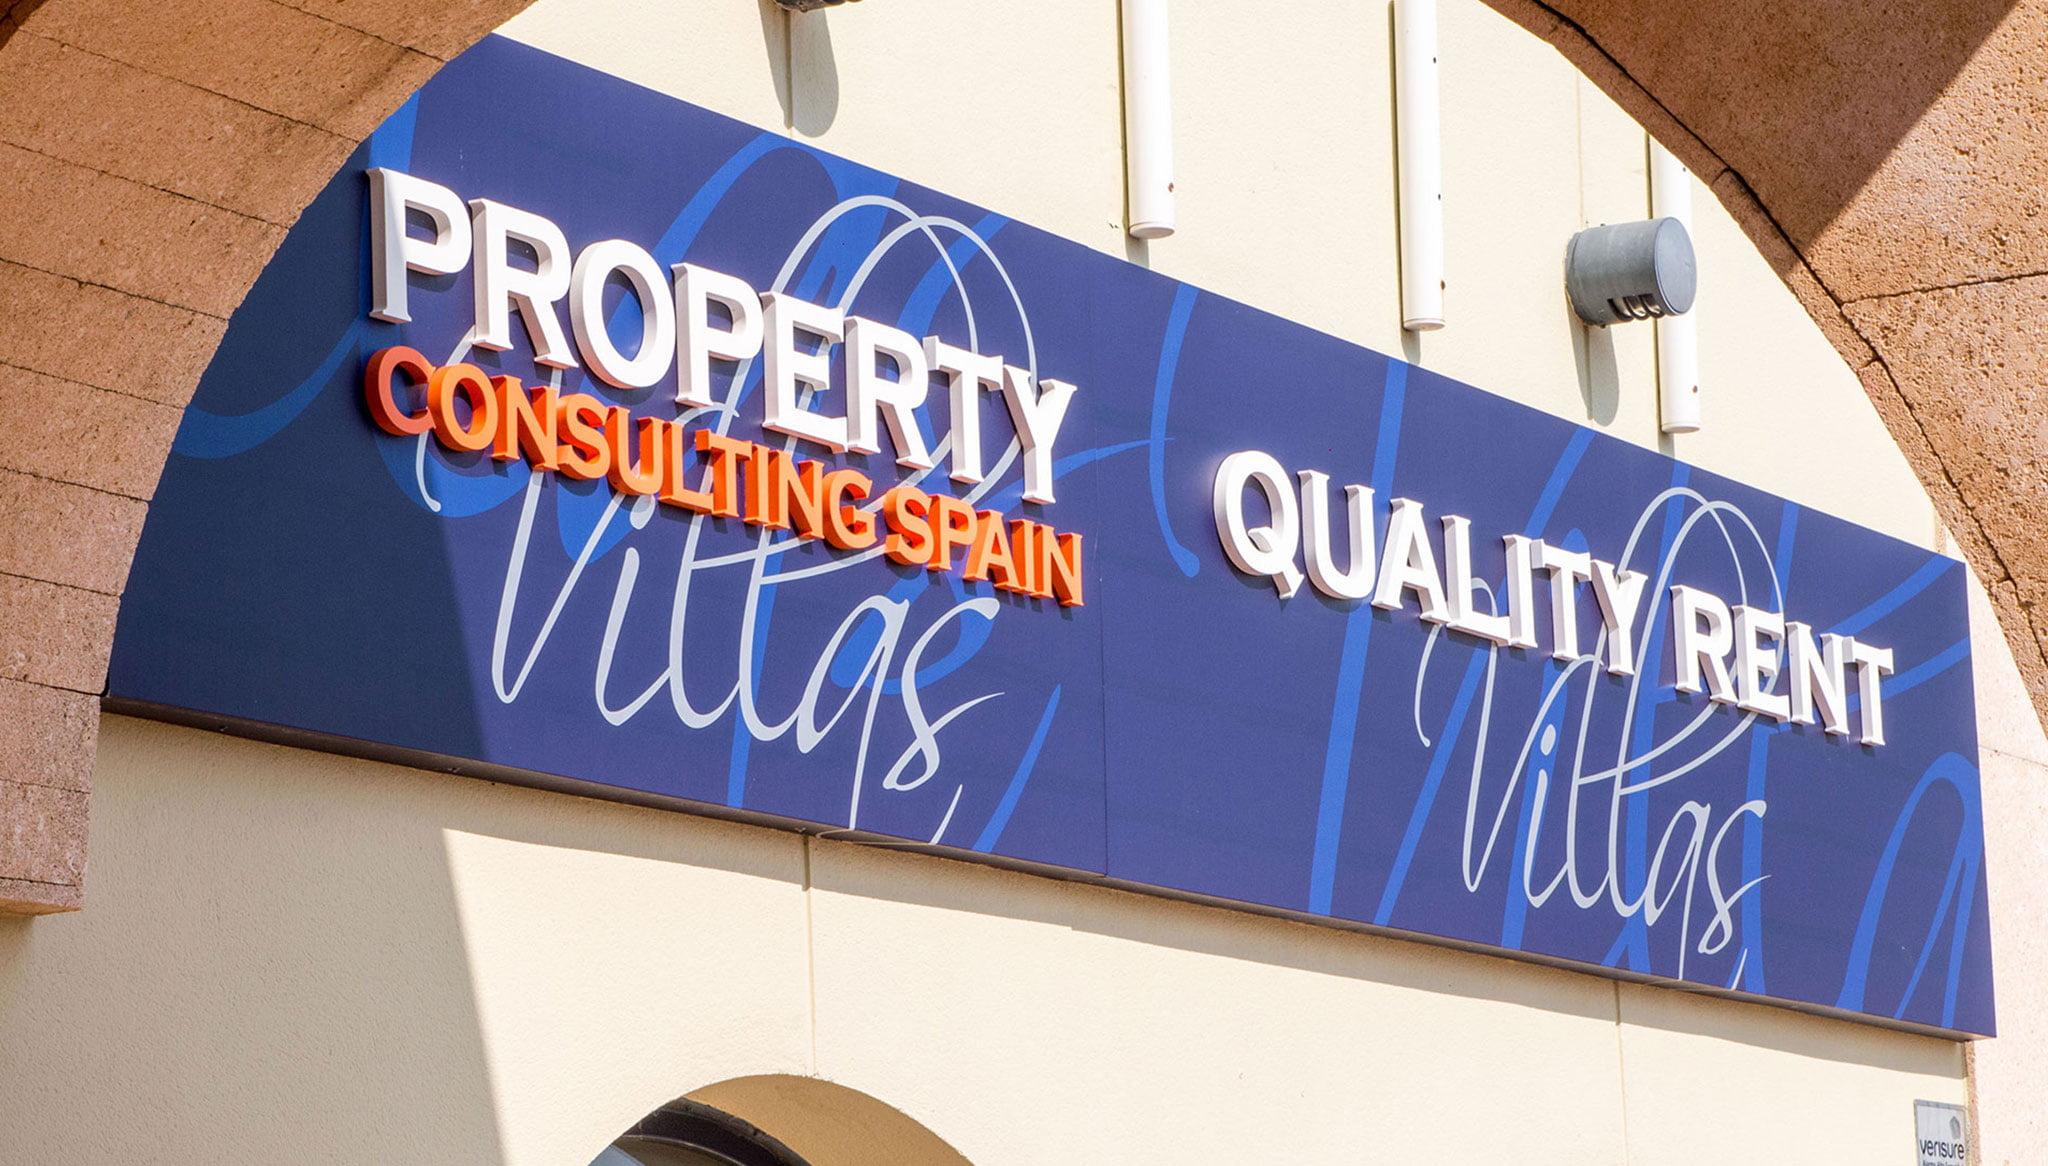 Cartell amb logotip façana Quality Rent a Vila